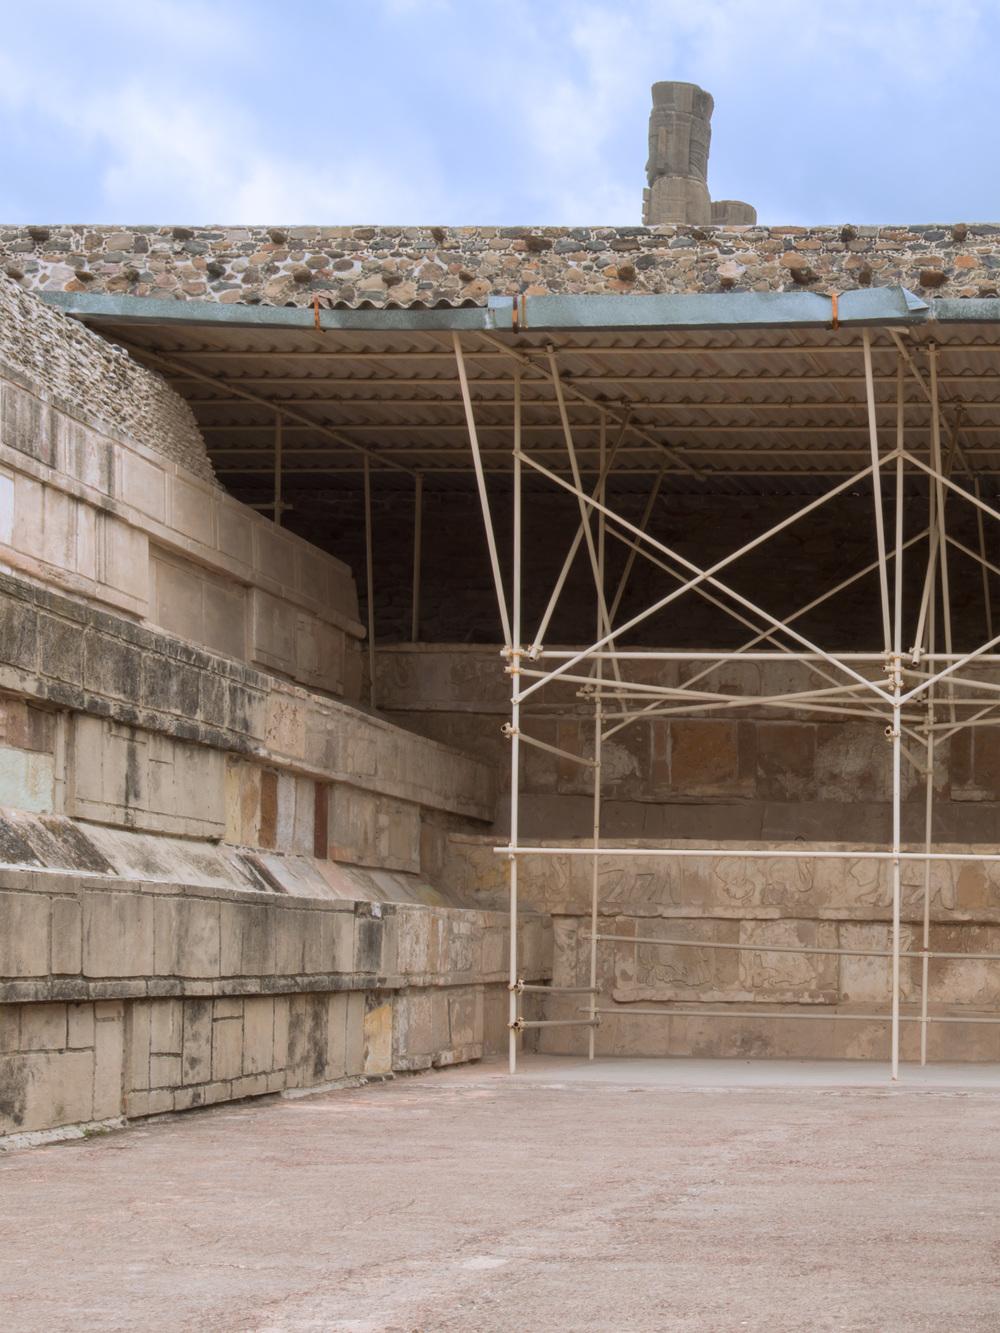 View from the Palacio de Quetzalcoatl.